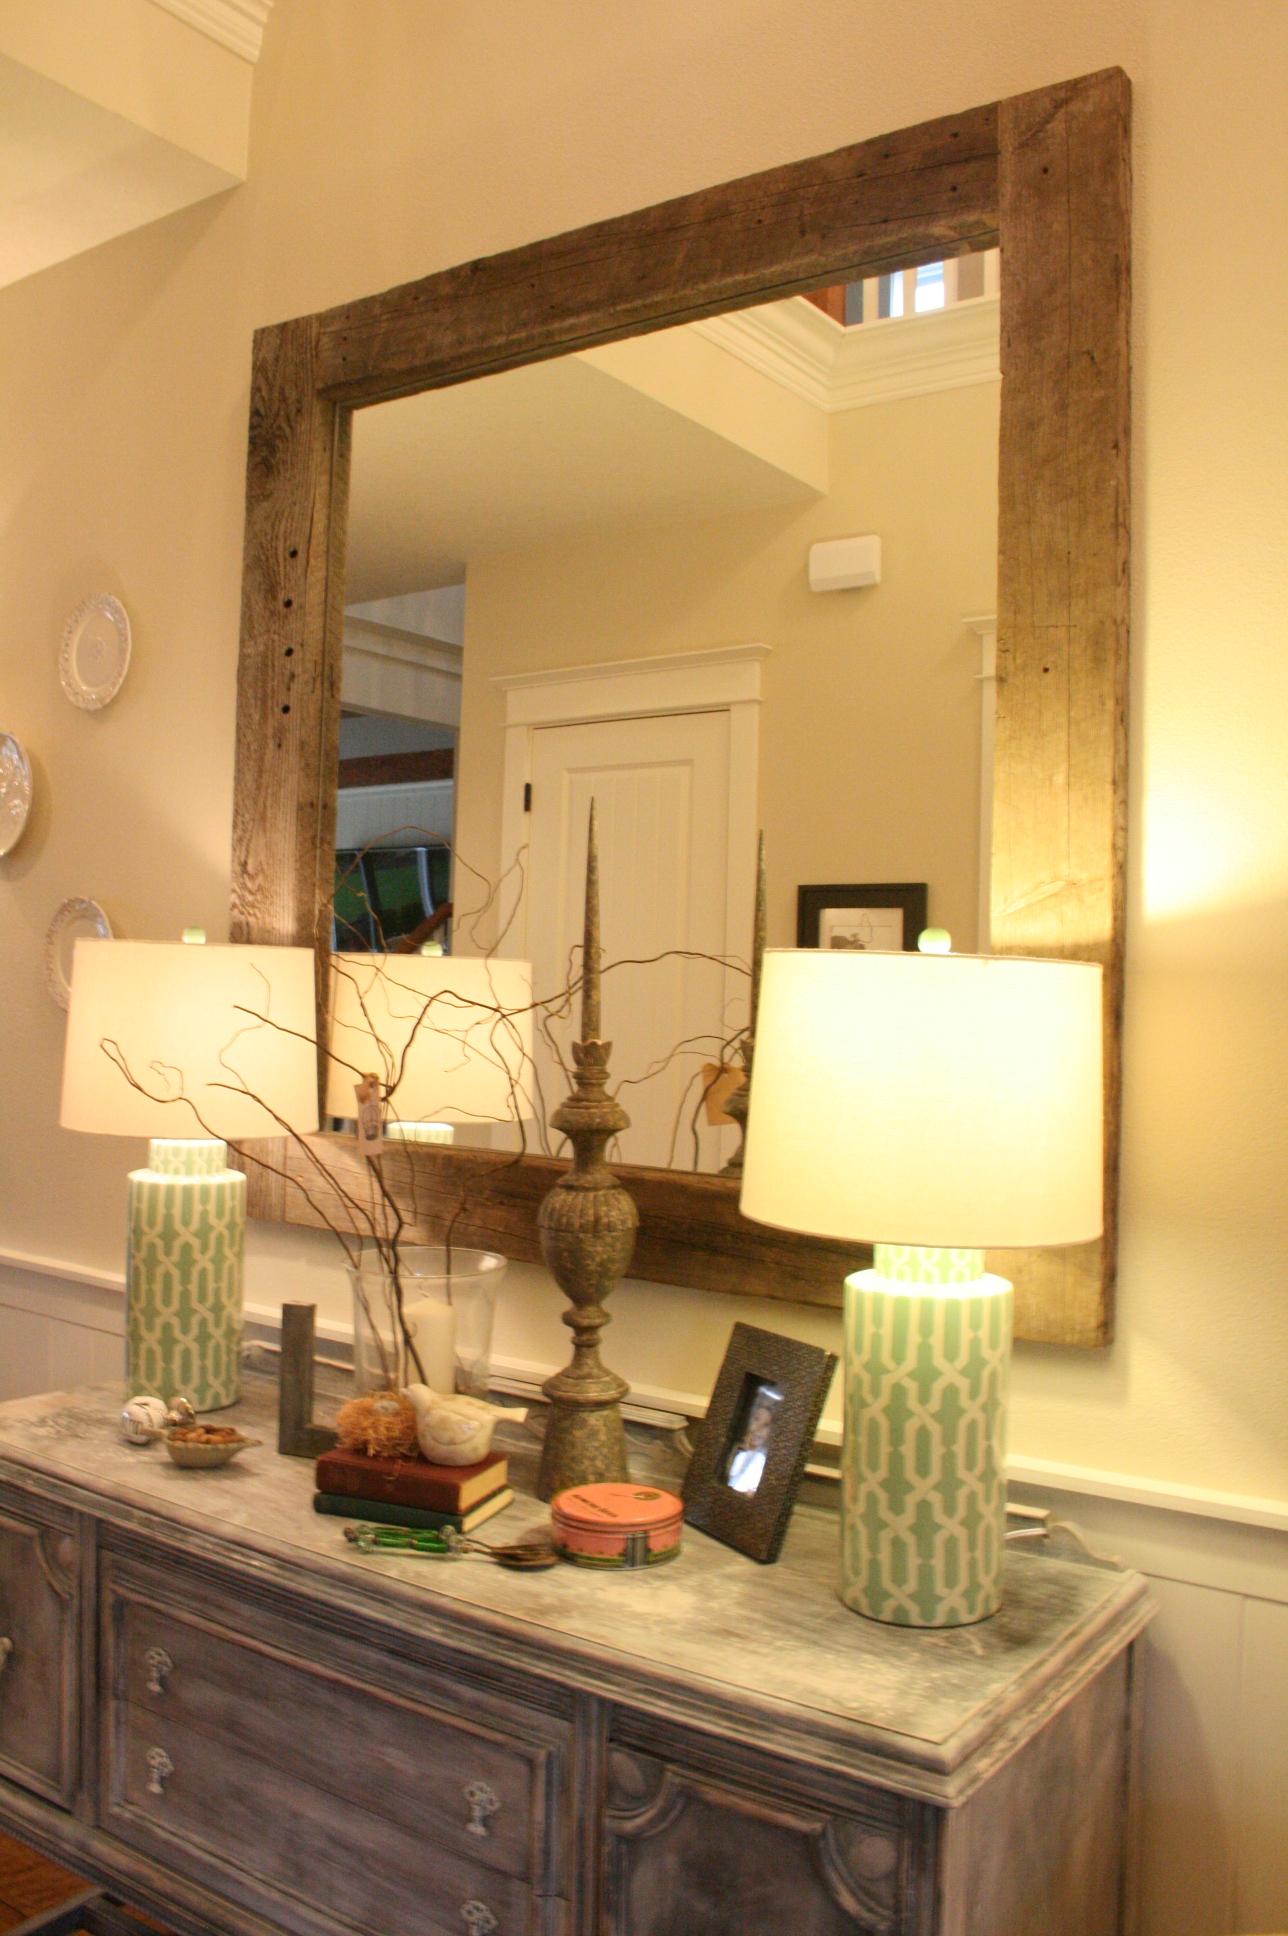 DIY Barn Wood Mirror, Wood TV Frame, Whitewash Walls